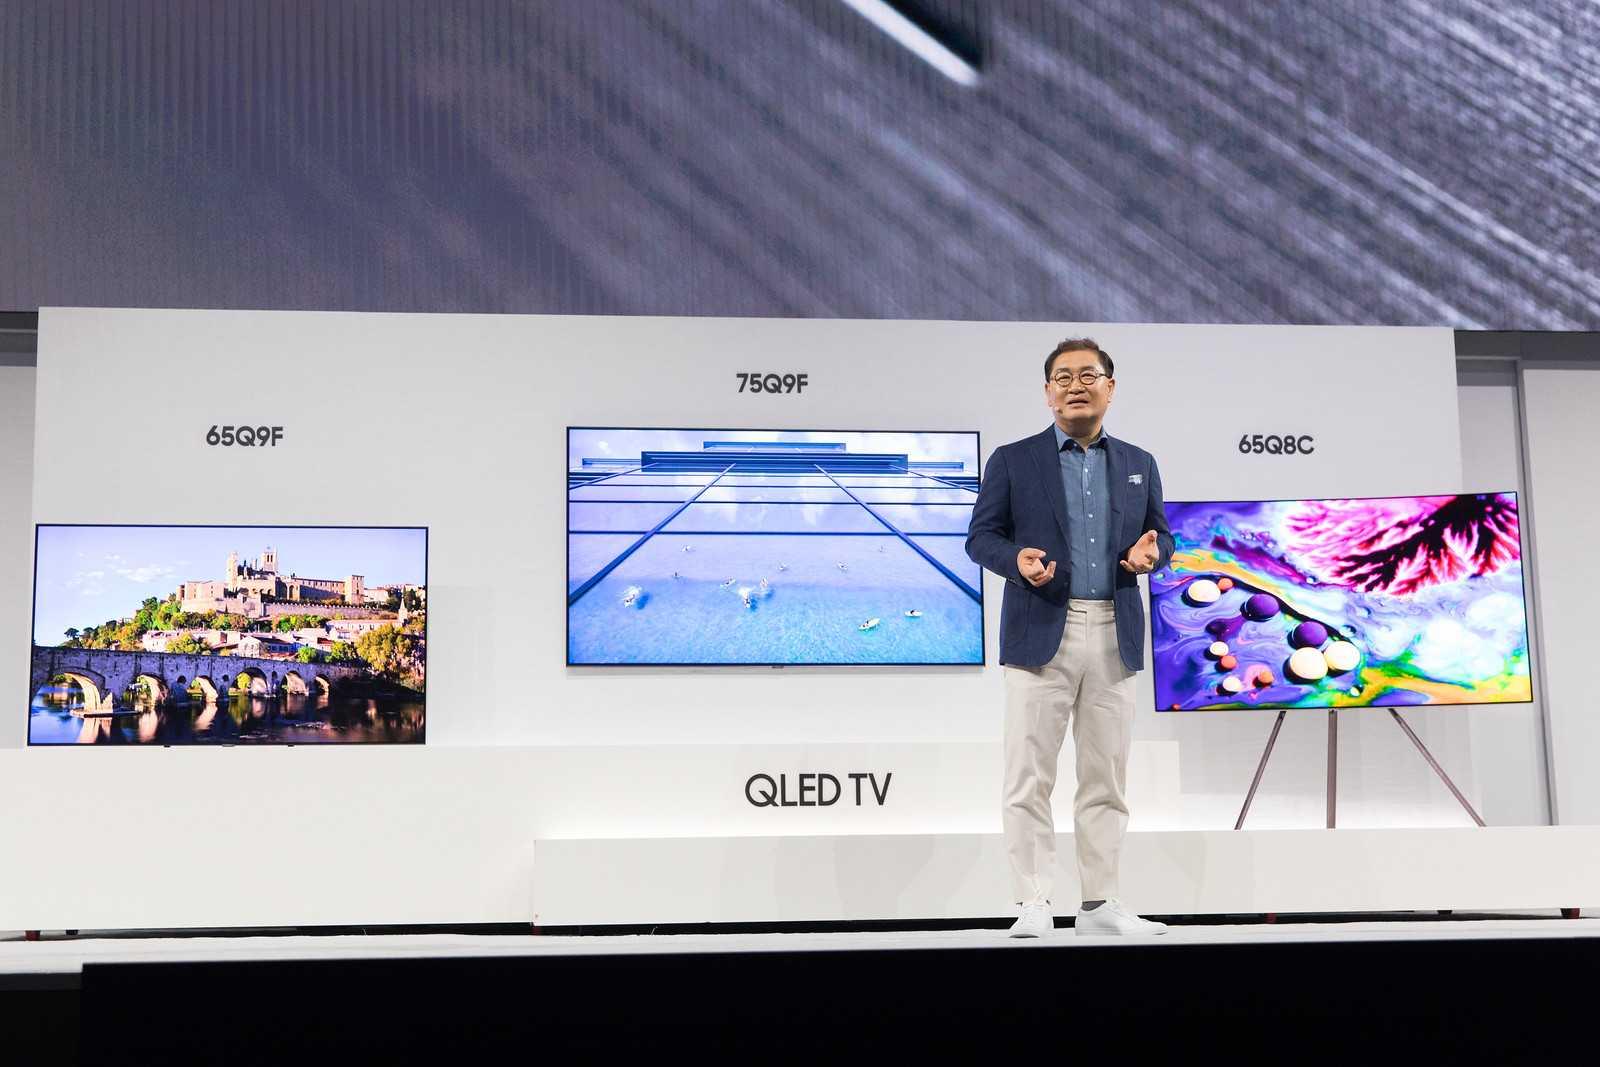 В россии вышел гигантский 8к-телевизор lg по цене хорошего автомобиля. видео